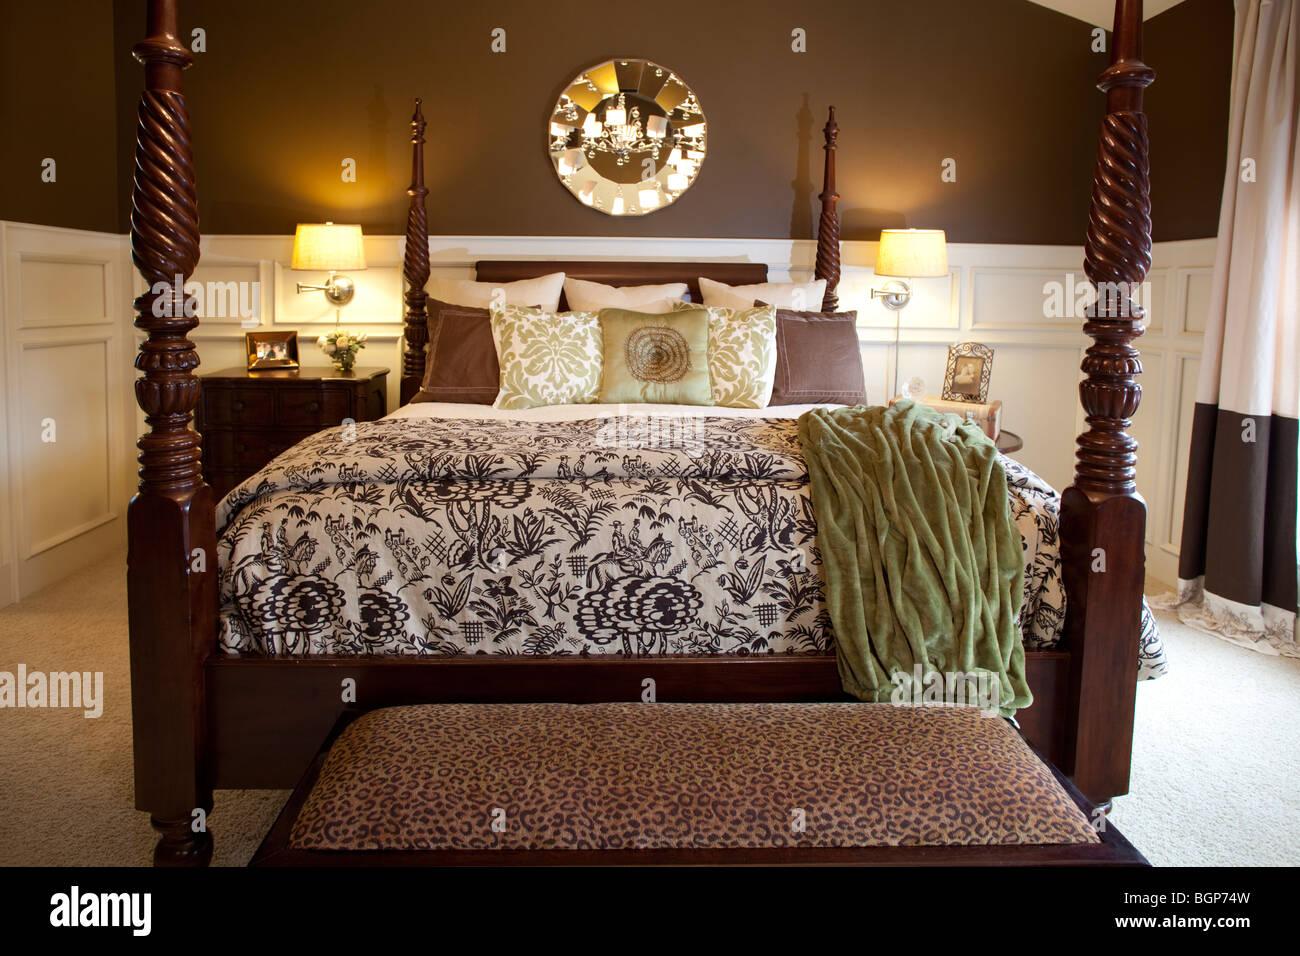 Himmelbett Kingsize Doppelbett Im Schlafzimmer In Eleganten, Warmen Farben  Eingerichtet. Amerikanischen Landschaft Luxus Wohnlandschaft